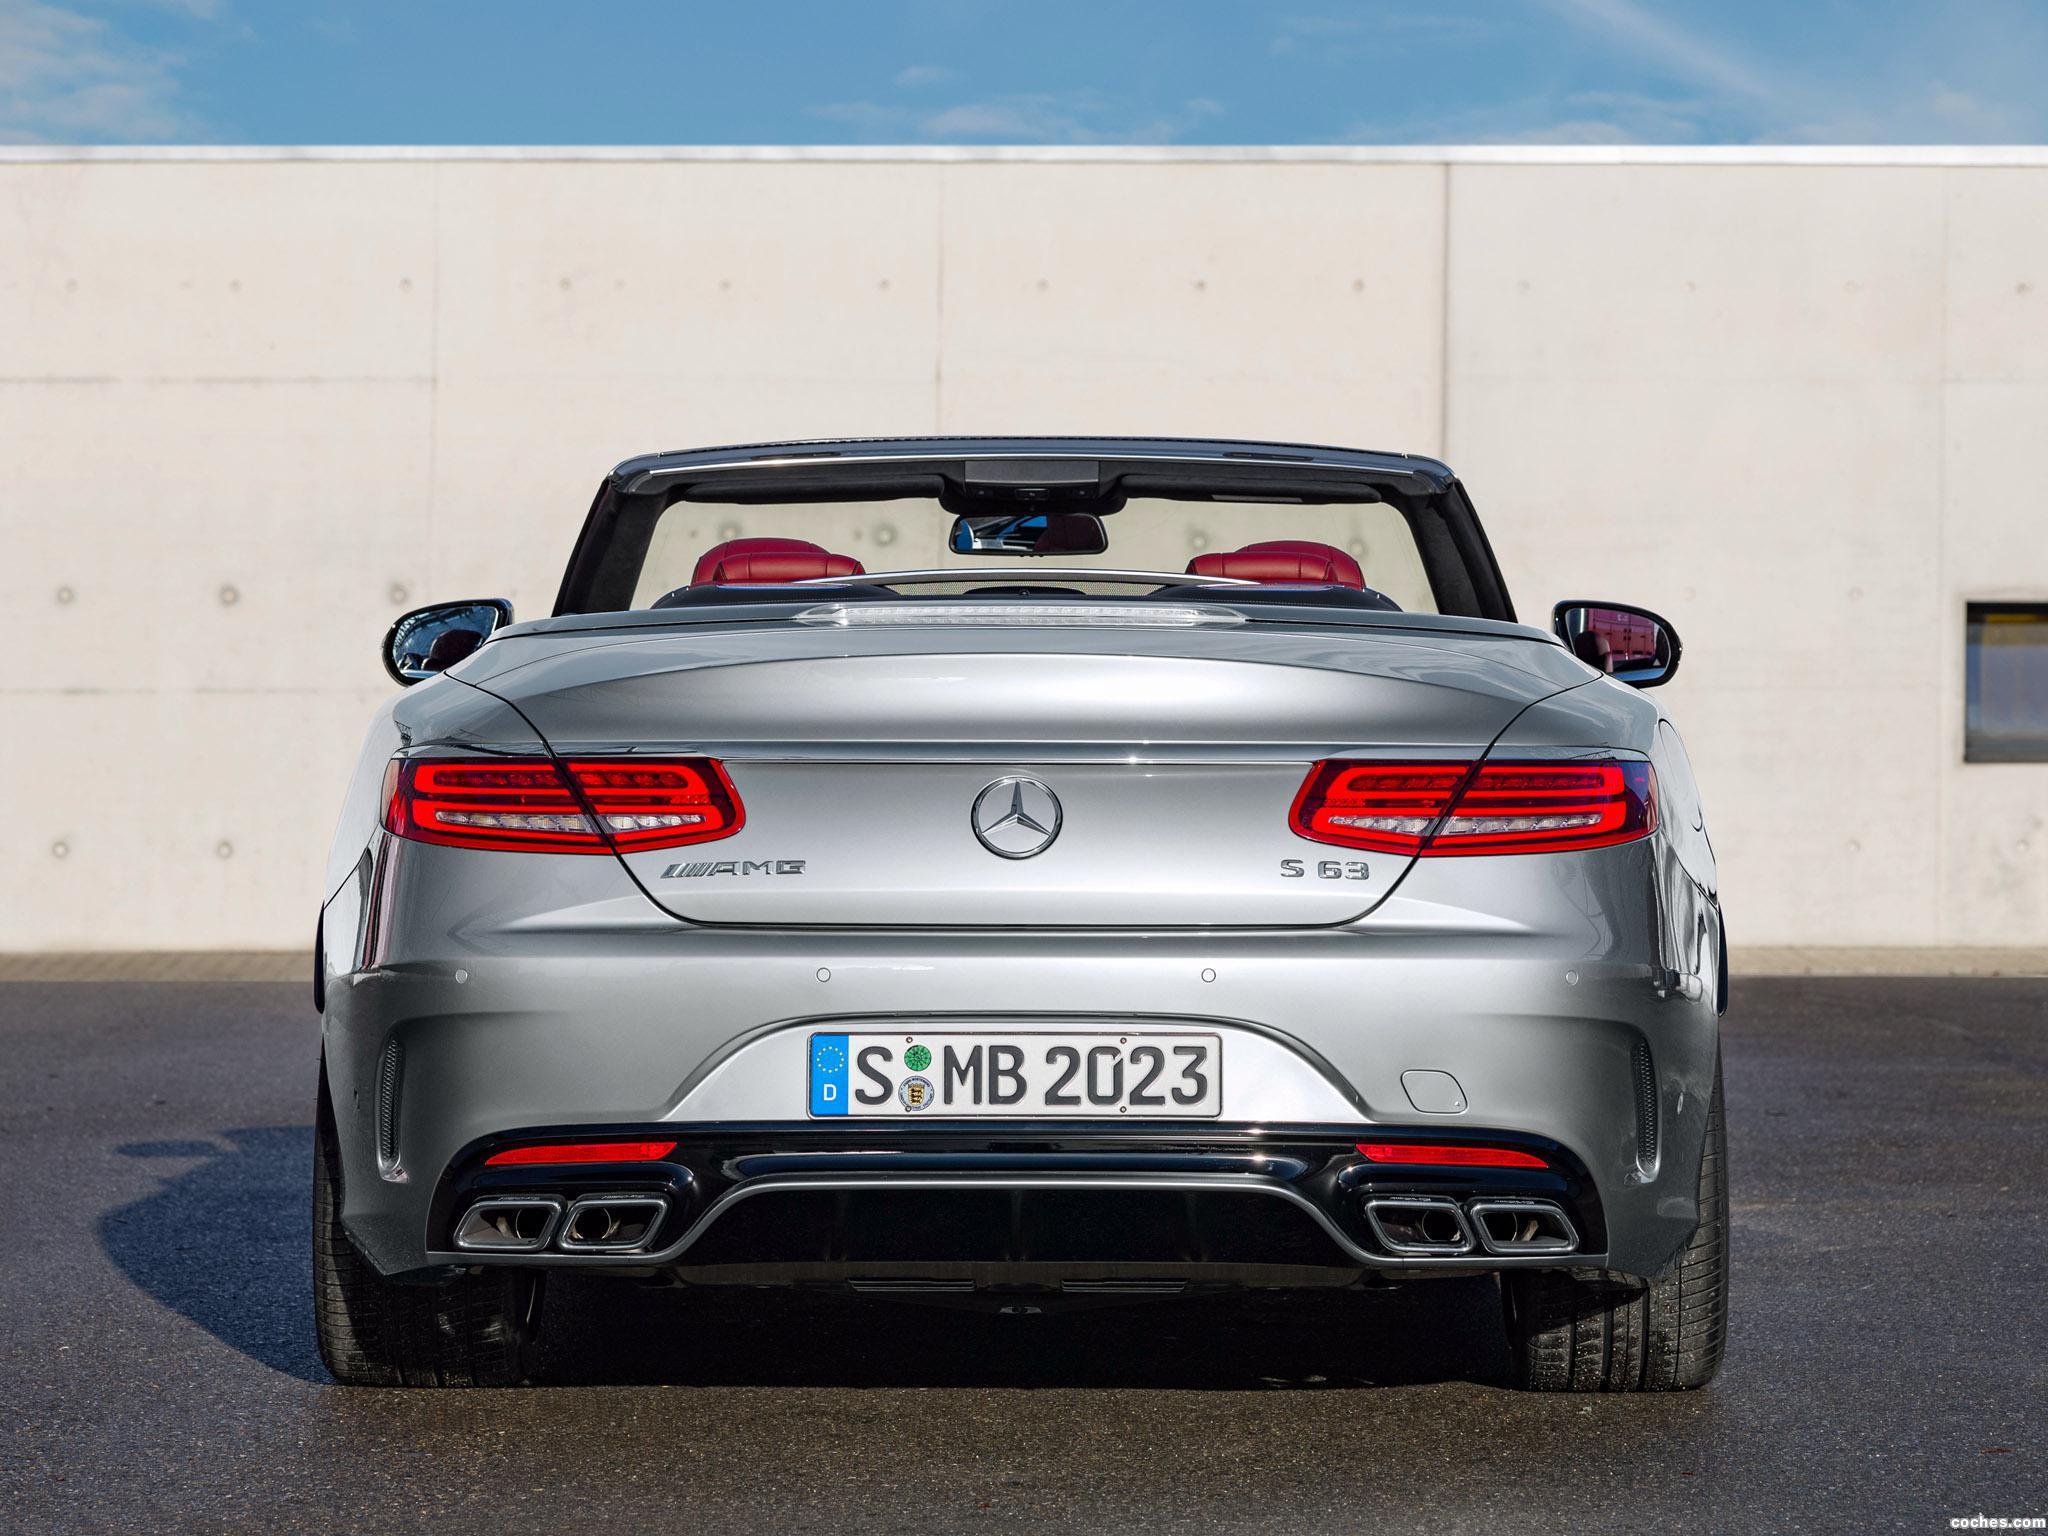 Foto 11 de Mercedes AMG S63 4MATIC Cabriolet Edition 130 A217 2016